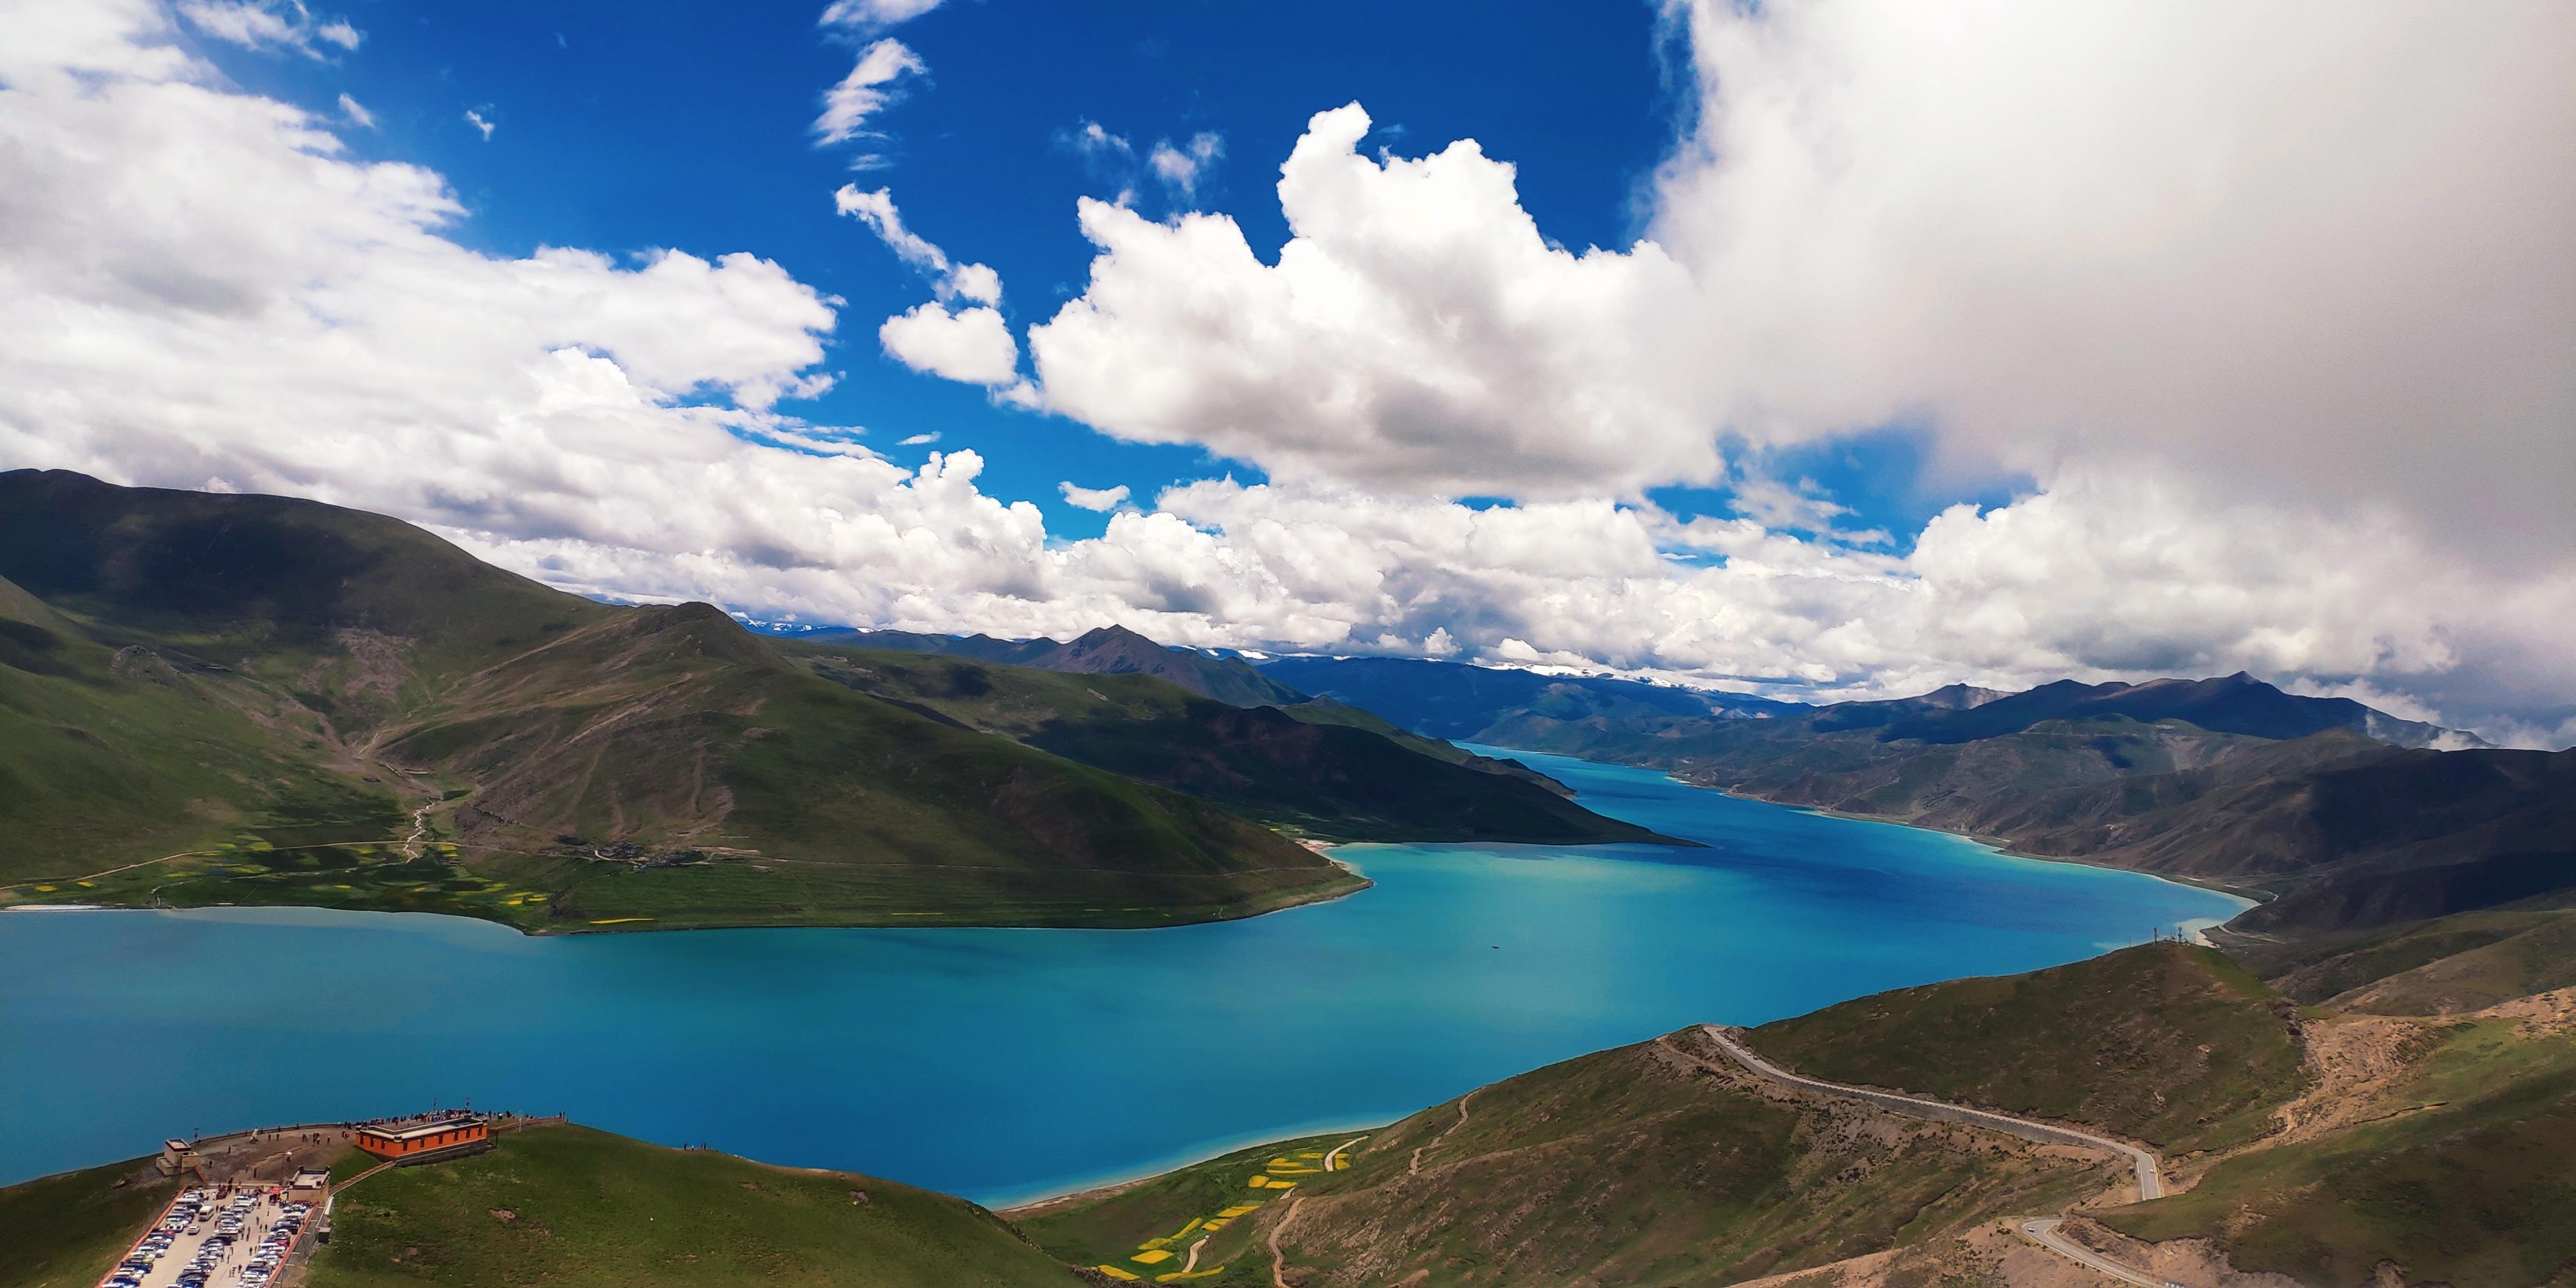 西藏徒步之旅